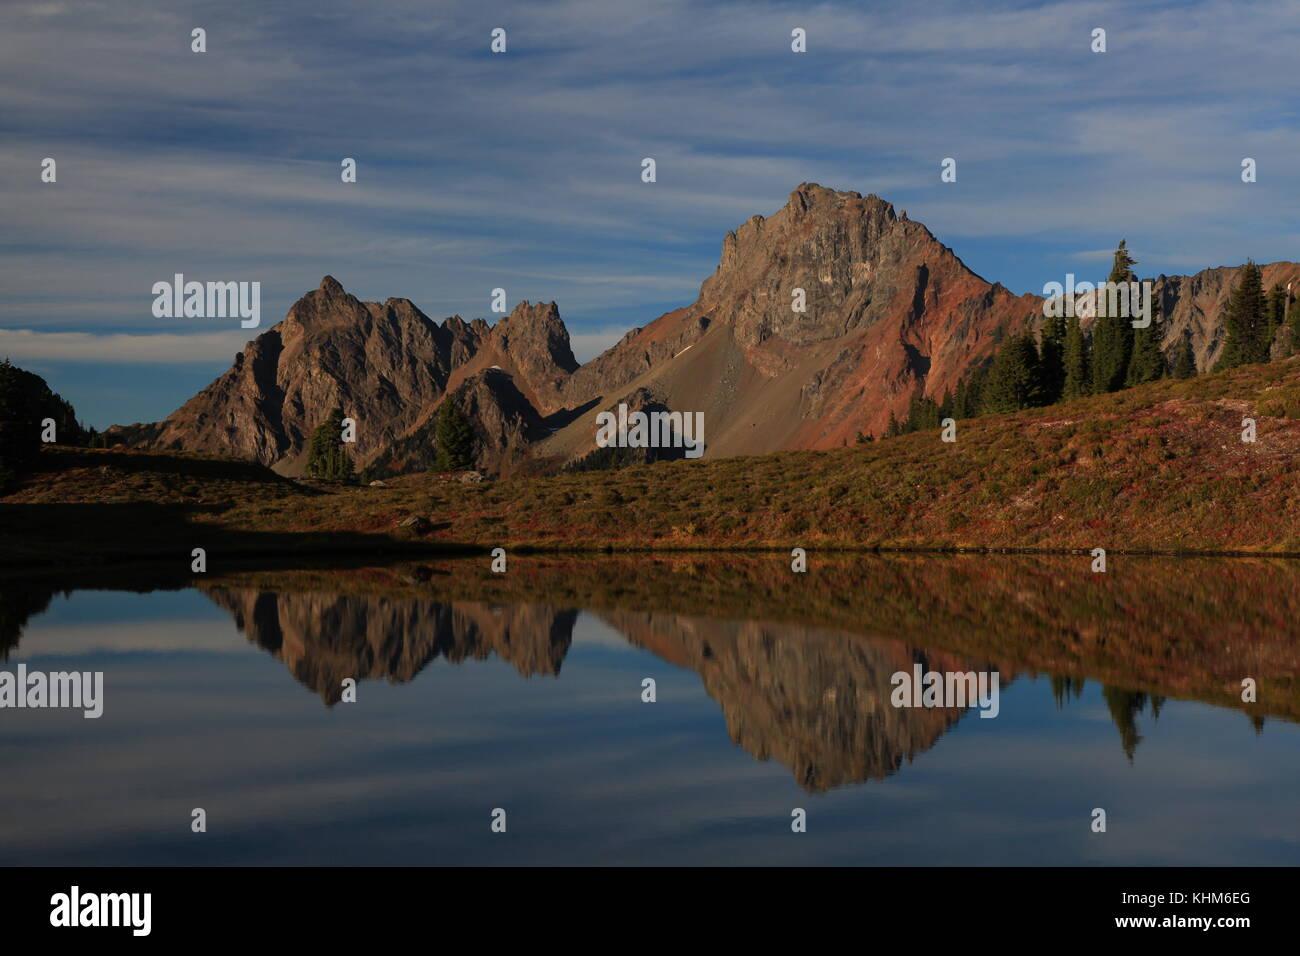 Los picos de la frontera canadiense y americana Foto de stock